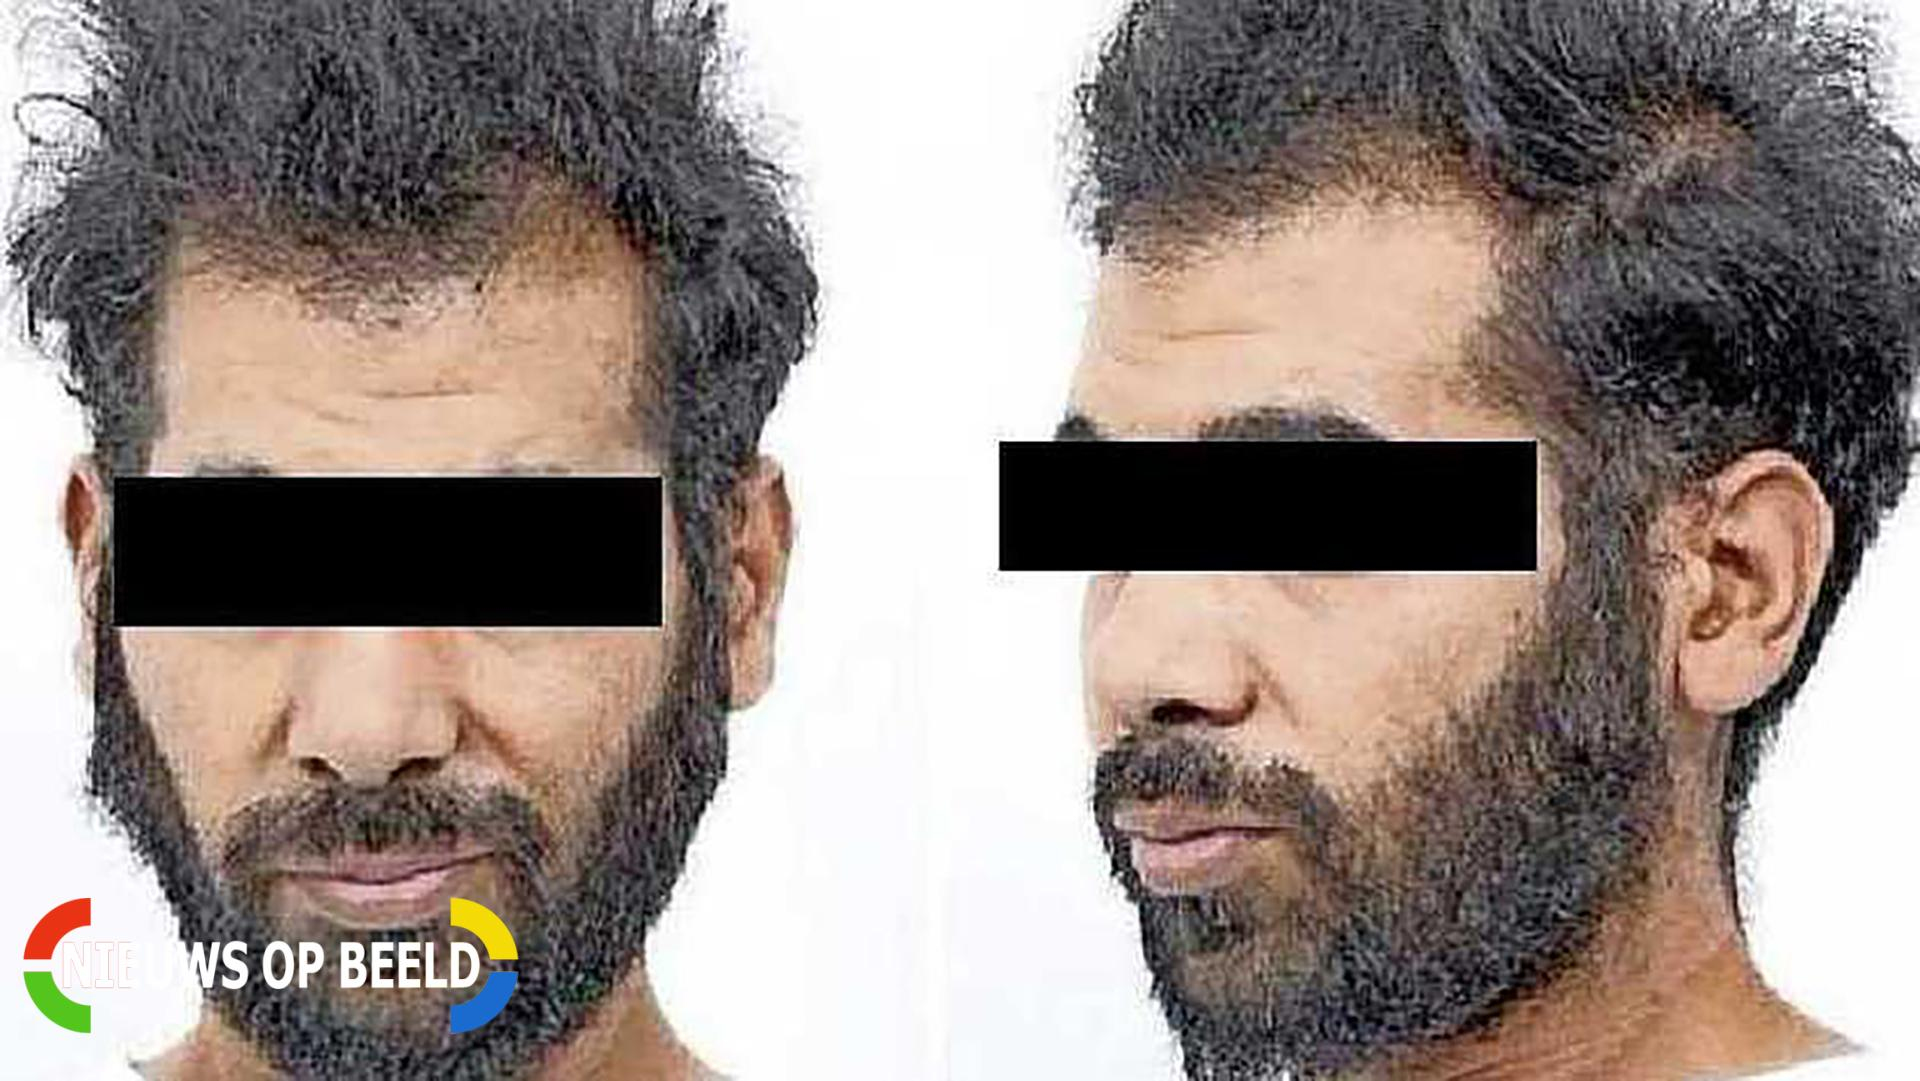 Politie schiet verdachte bioscoopmoord Ergun S. neer bij arrestatie Gedempte Zuiderdiep Groningen